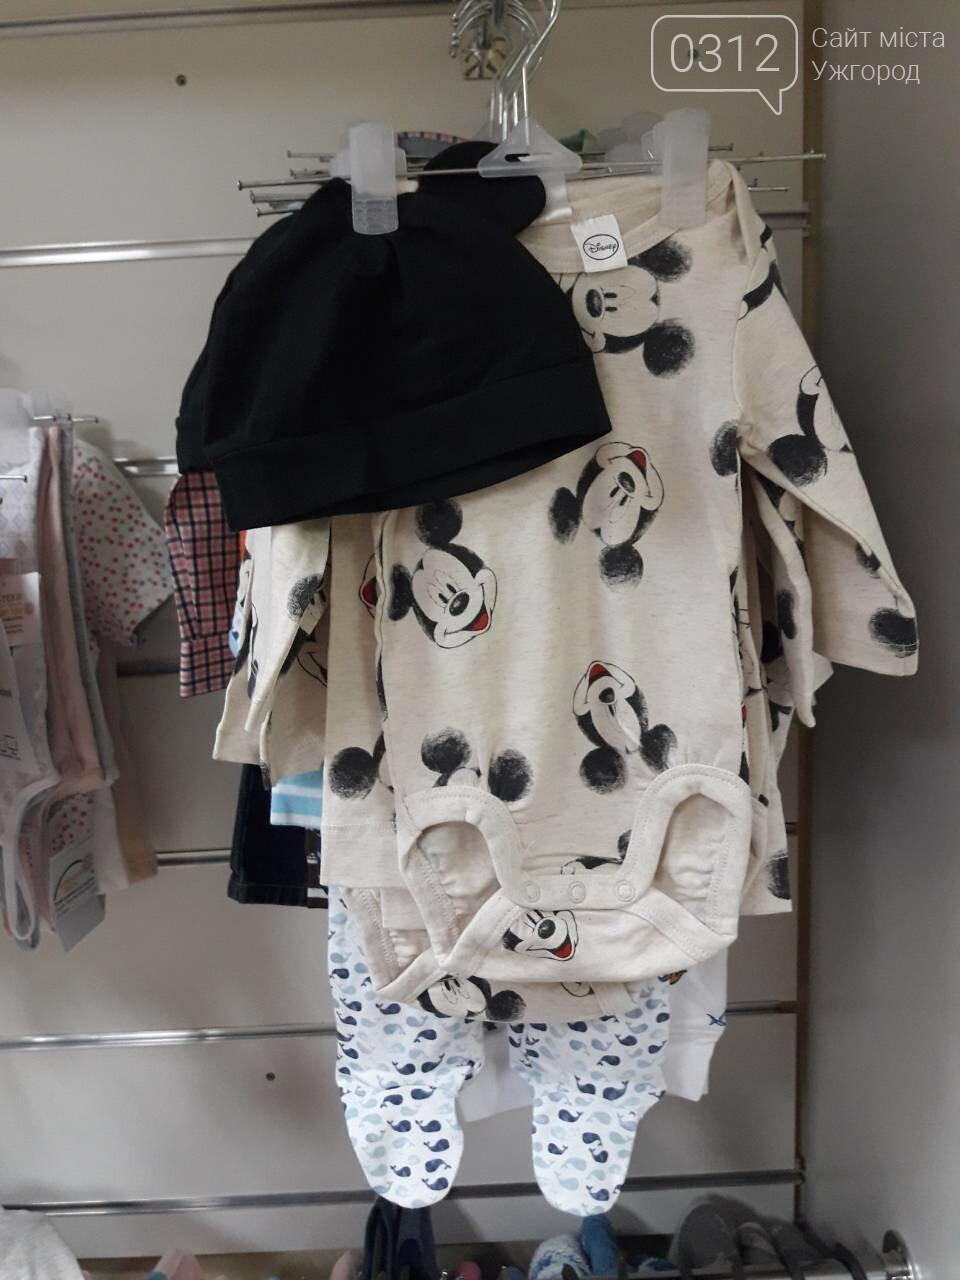 ЗНИЖКИ до -70%: 1-го грудня в Ужгороді відчиняється магазин дитячого одягу «WESTERN BRANDS» (ФОТО), фото-6